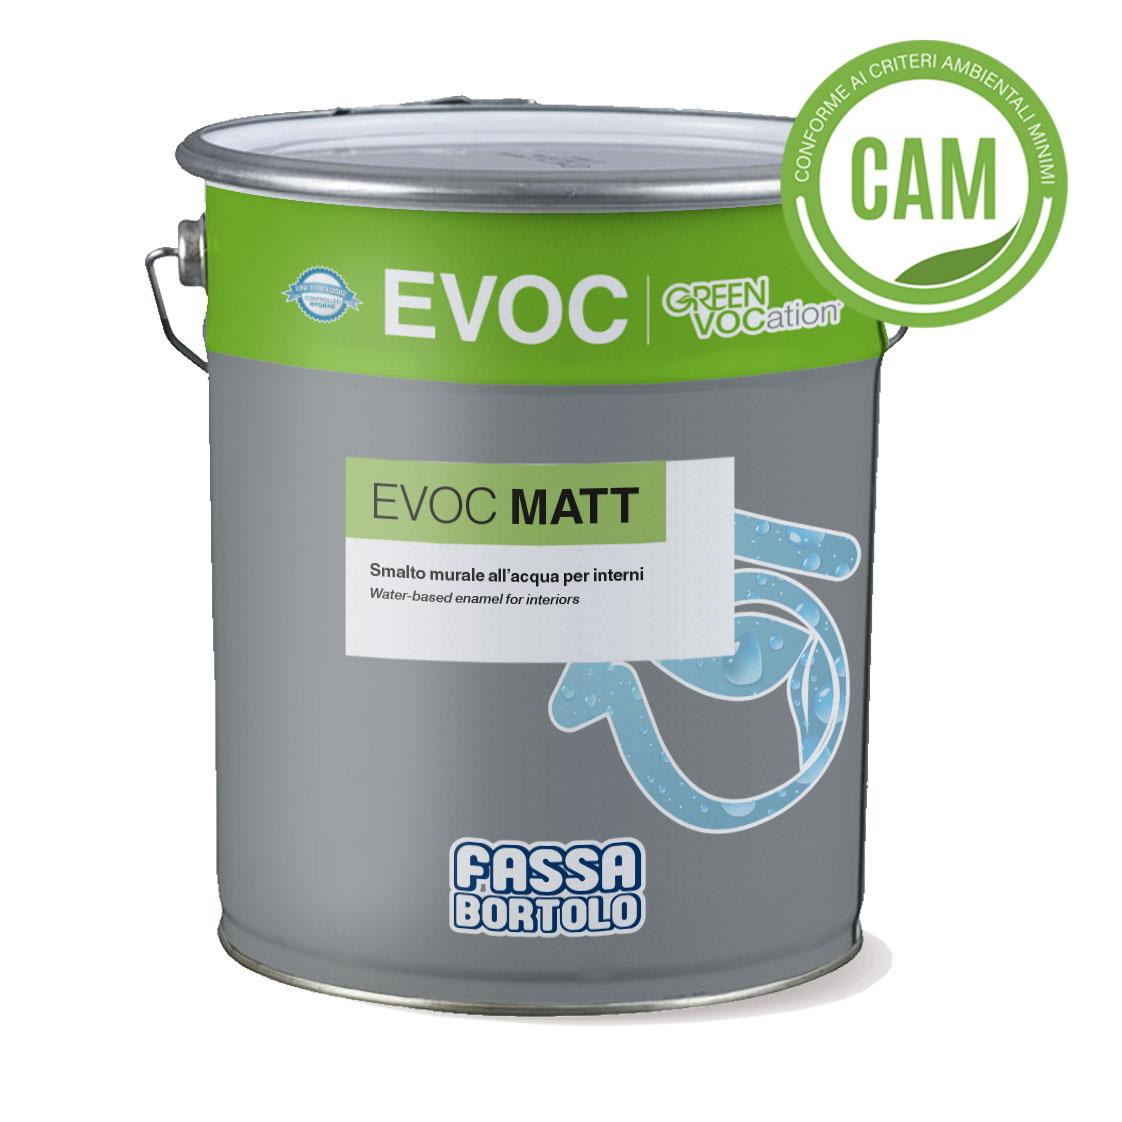 EVOC MATT: Esmalte mural de água opaco para interiores